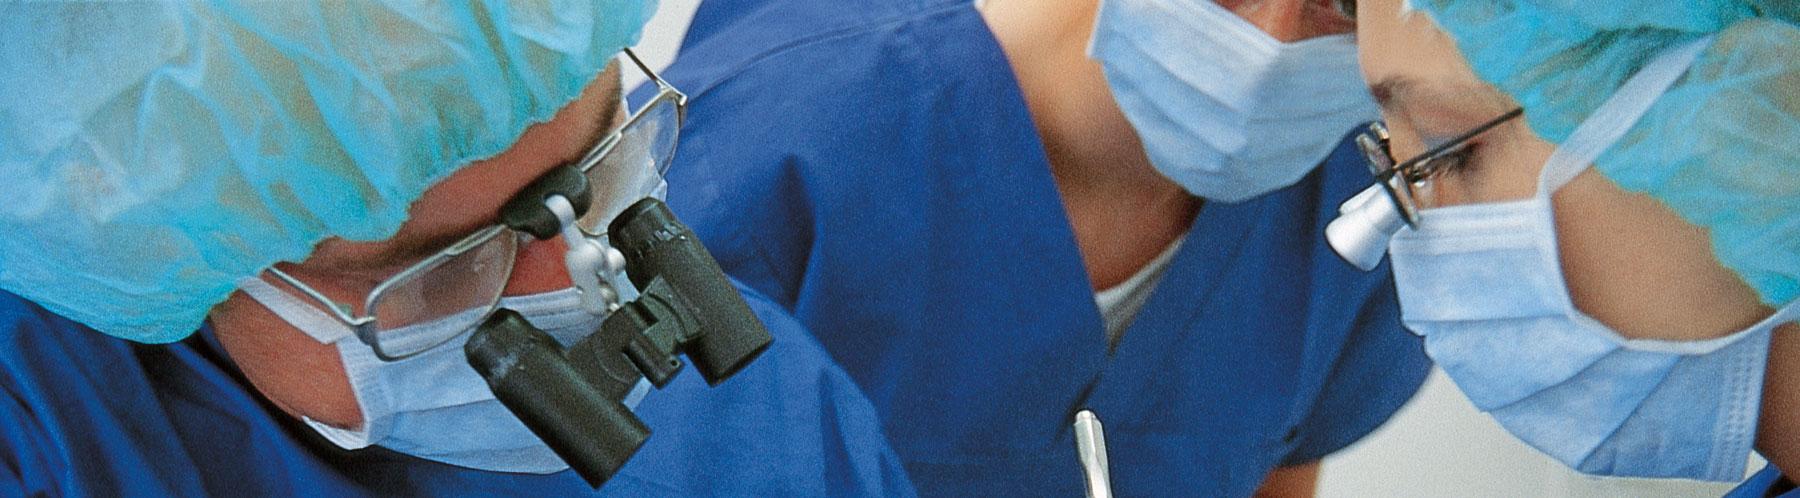 Implantologie Praxis Zahnarzt Günzburg Implantate